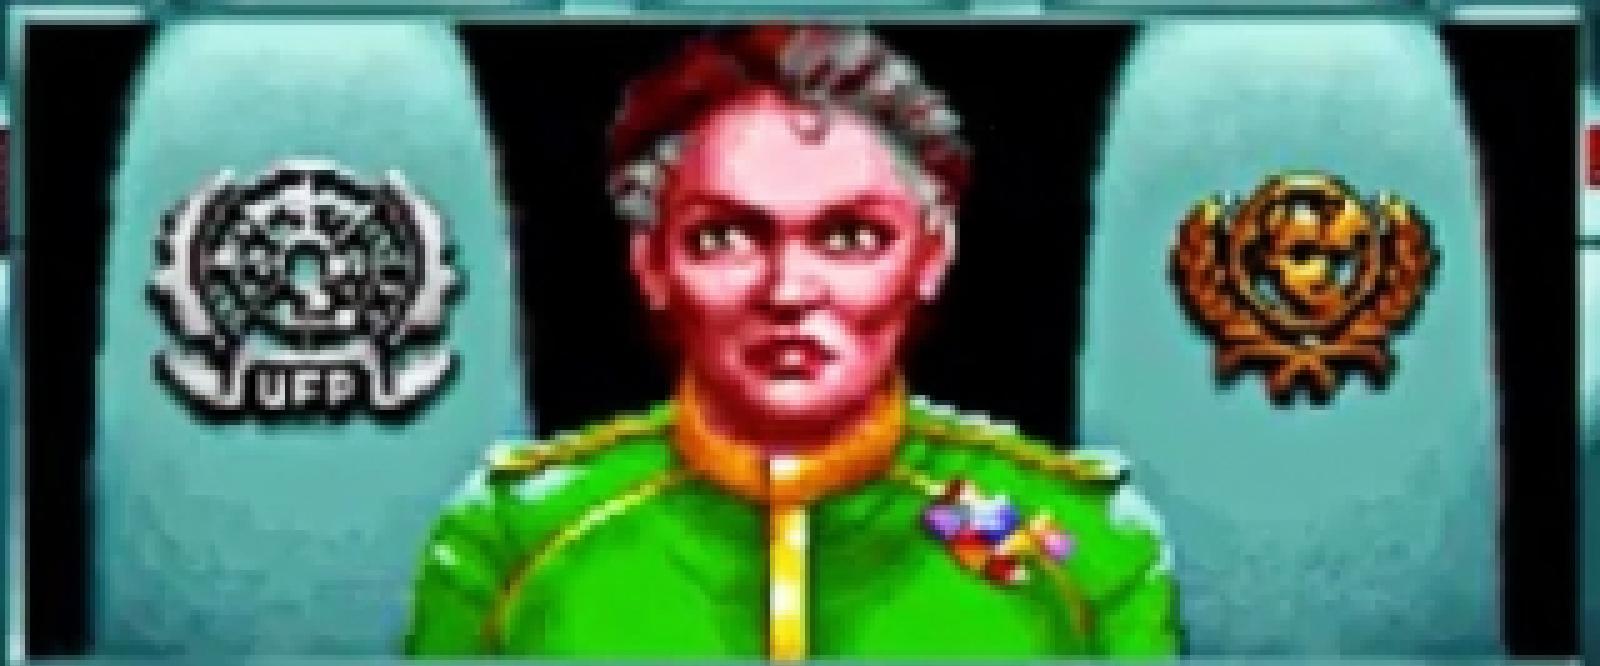 File:ST25 - admiral deity - .jpg